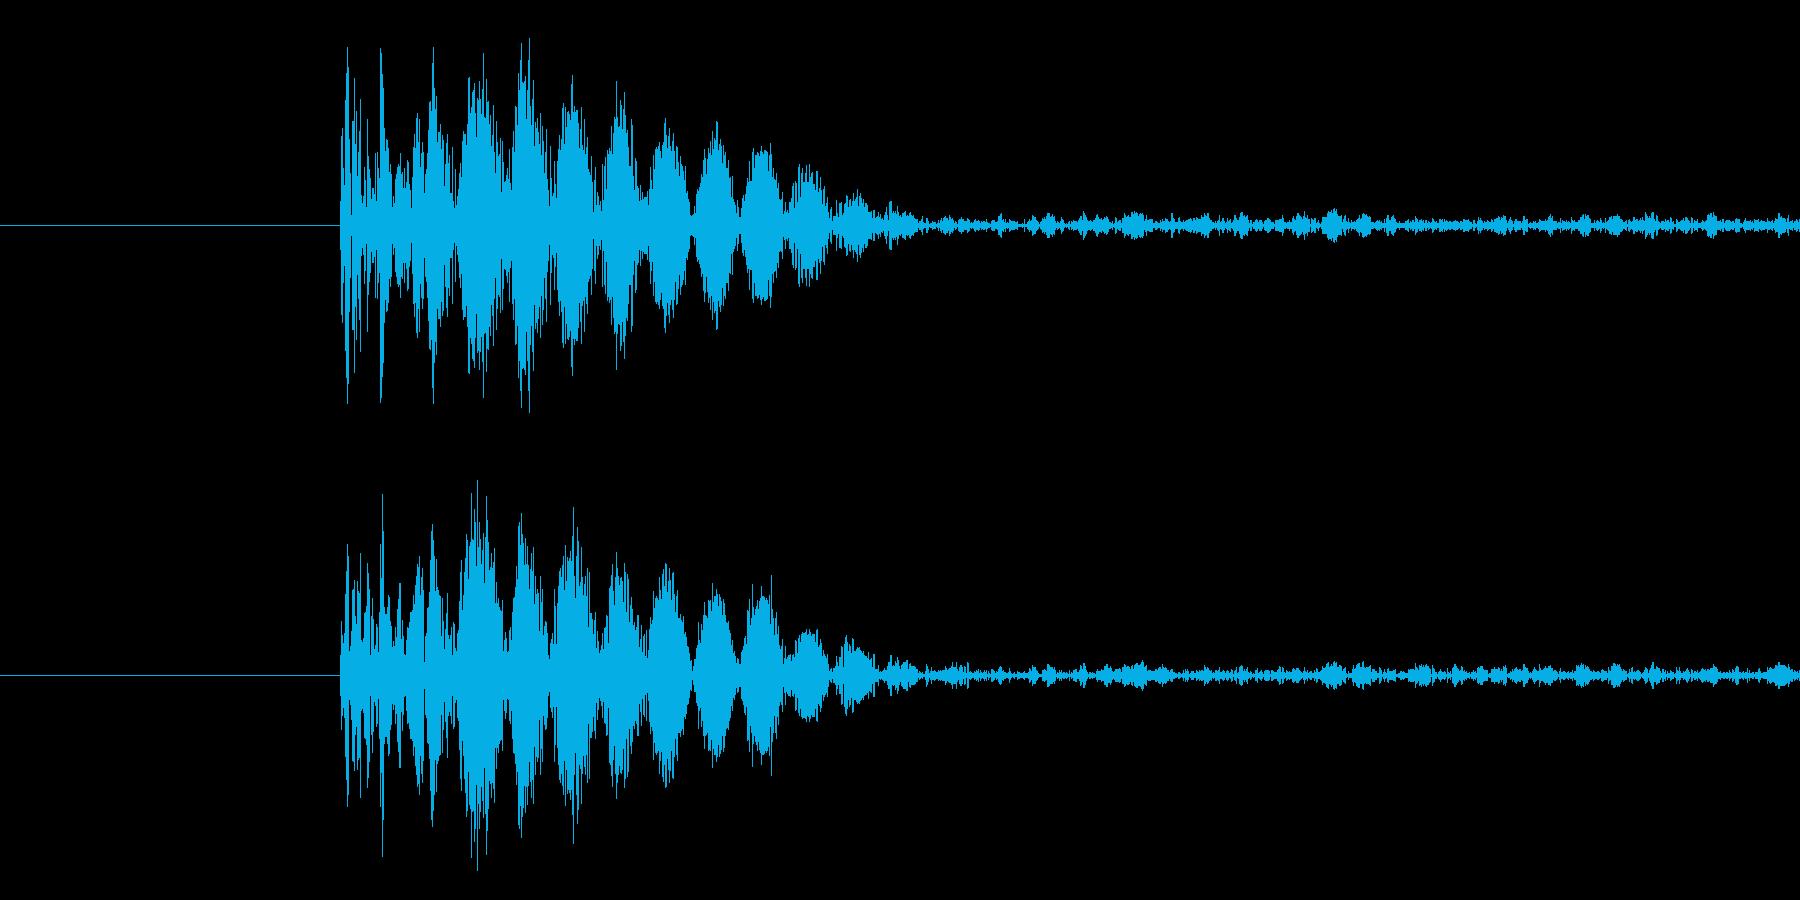 バラエティ・ゲーム的なパンチ音の再生済みの波形